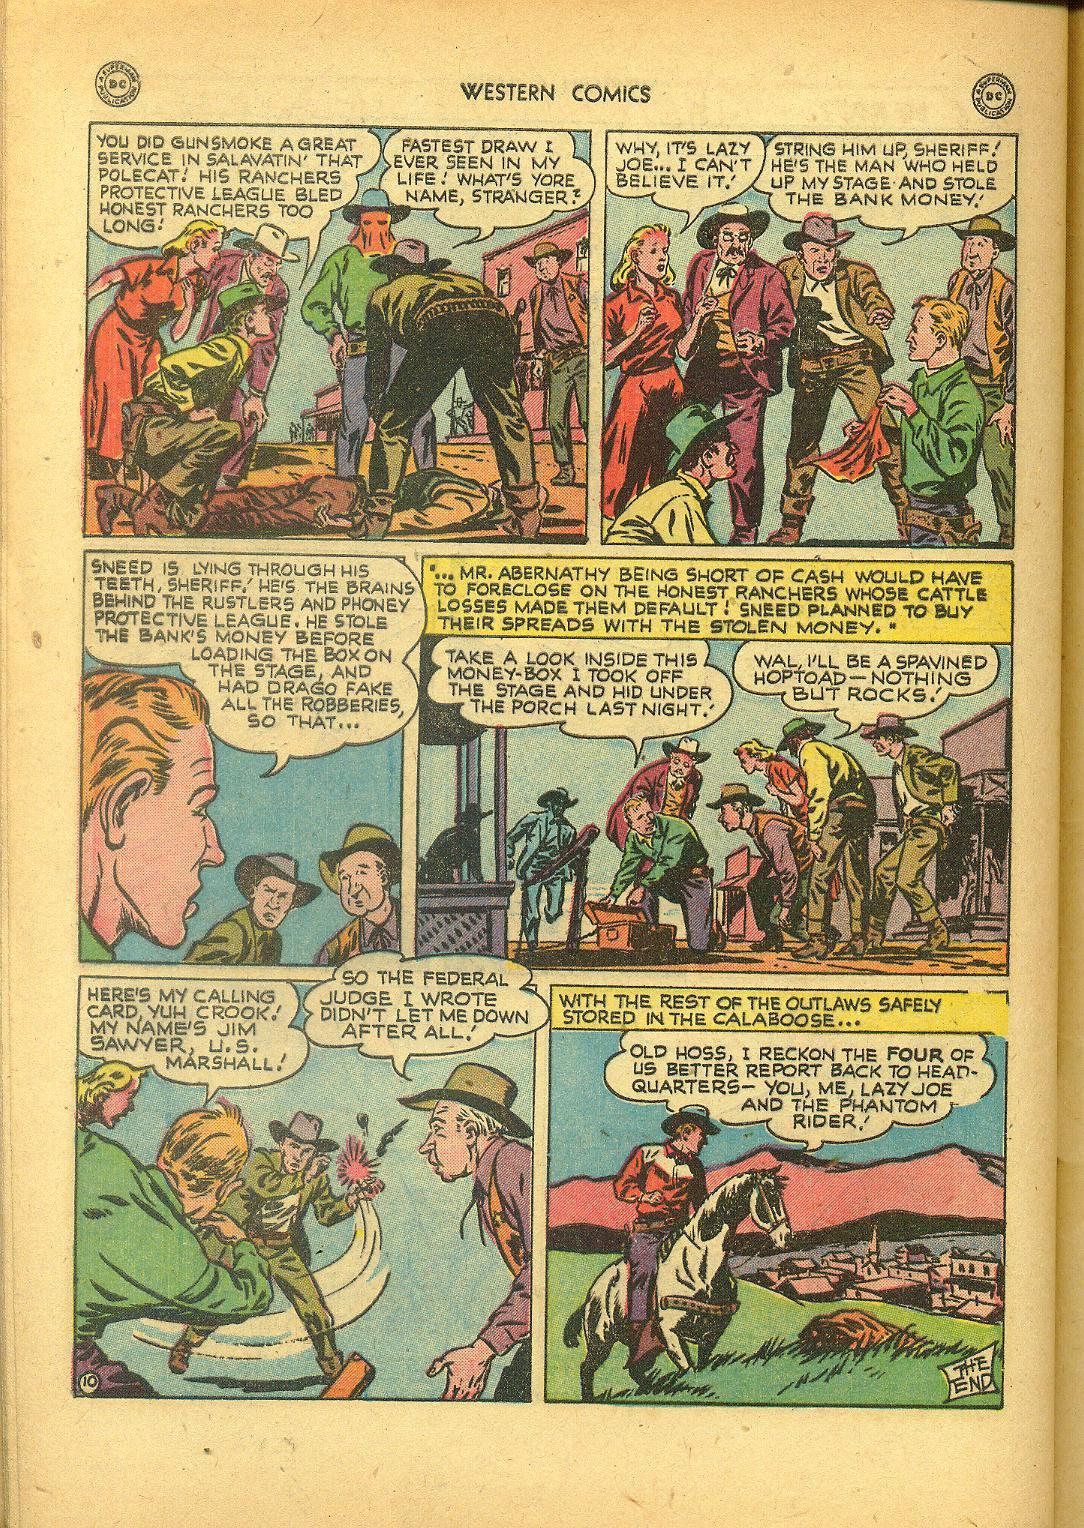 Comic Western Comics issue 8